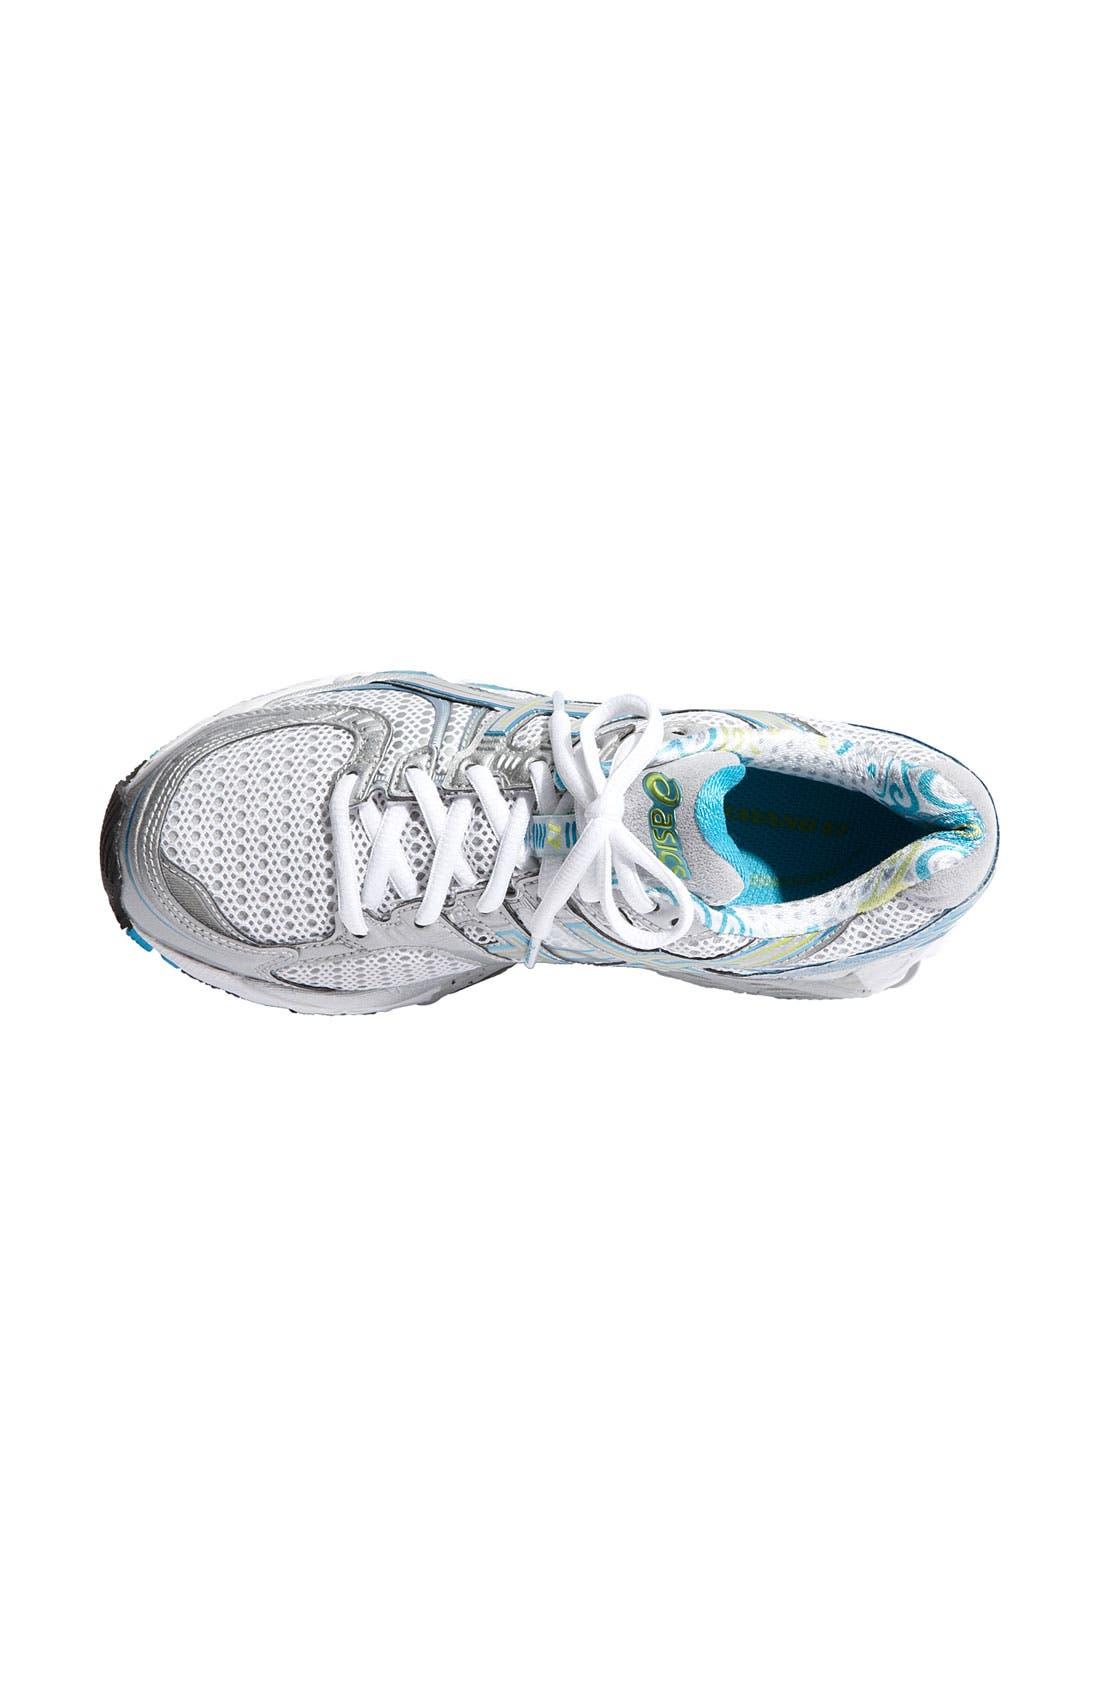 Alternate Image 3  - ASICS® 'GEL Kayano® 17' Running Shoe (Women)